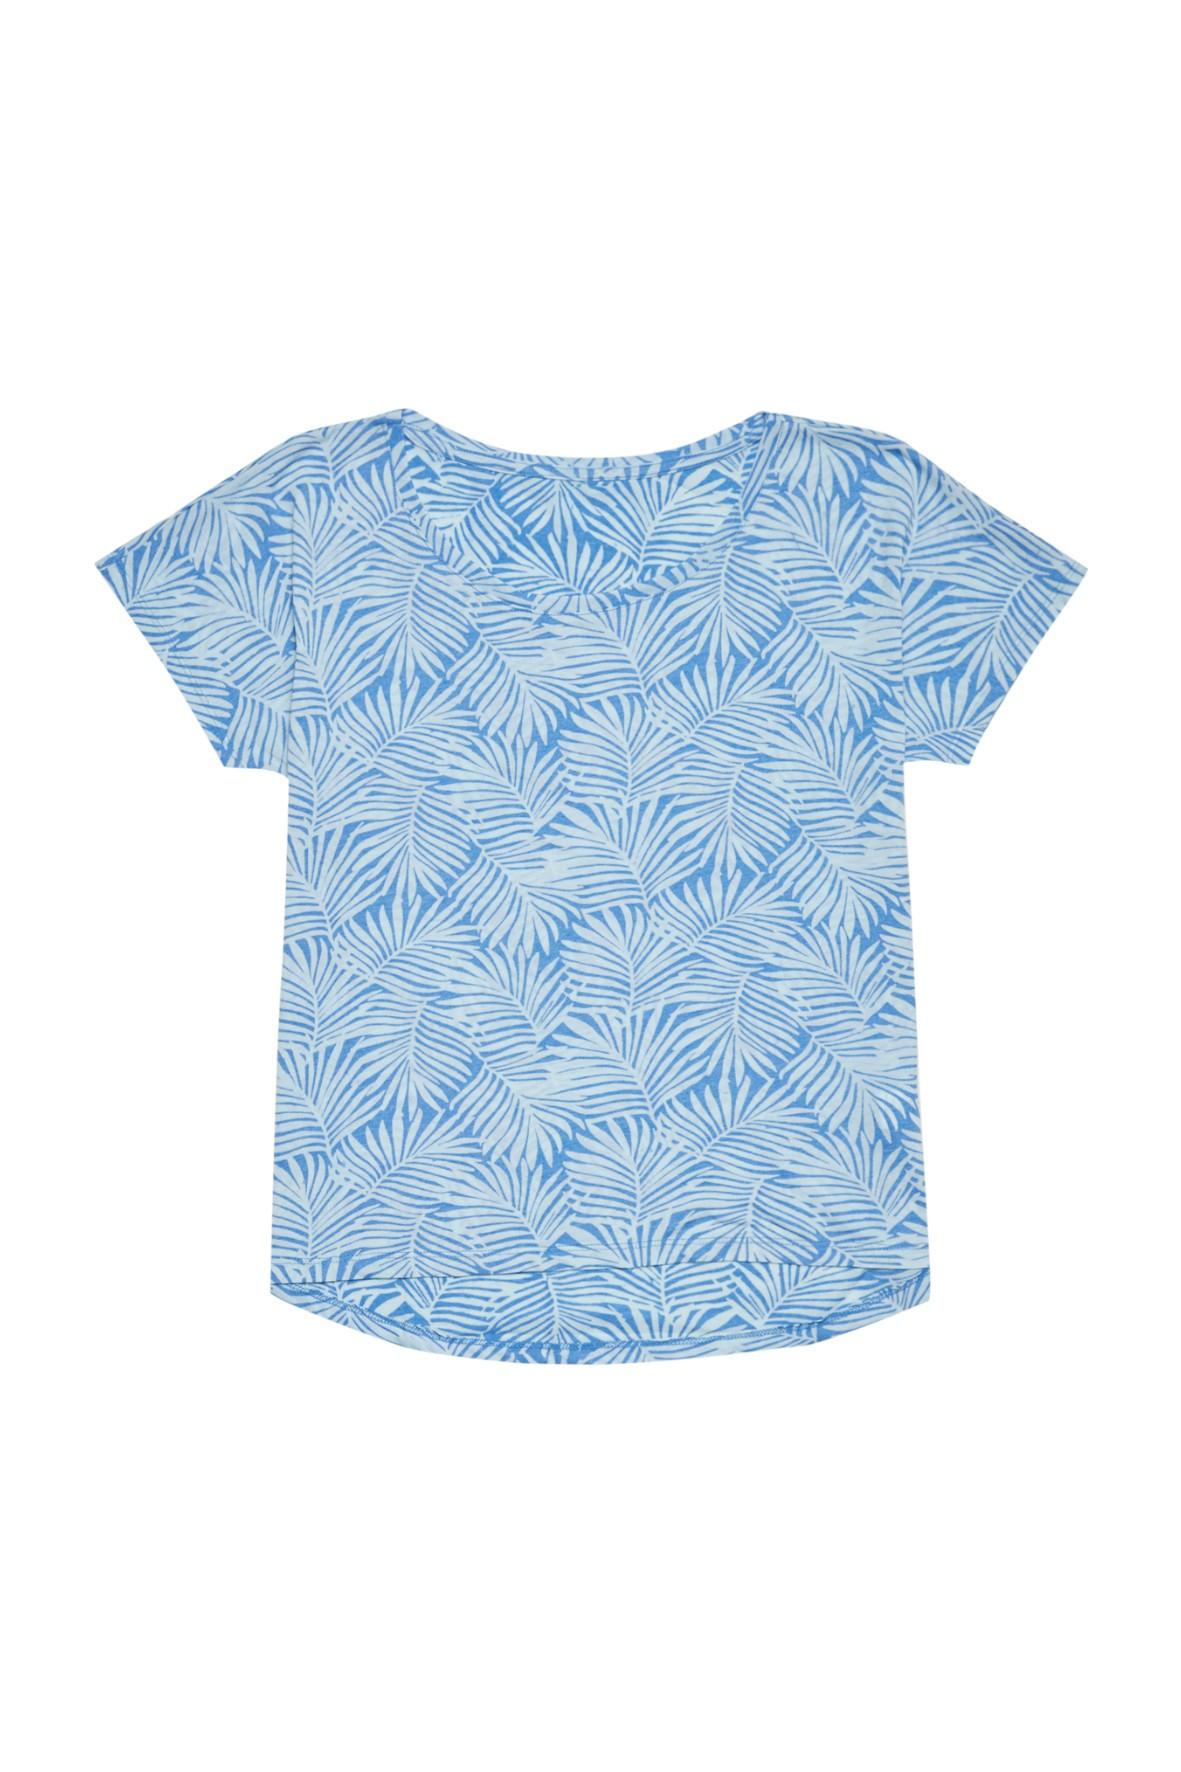 T-shirt damski z nadrukiem palmy- niebieski